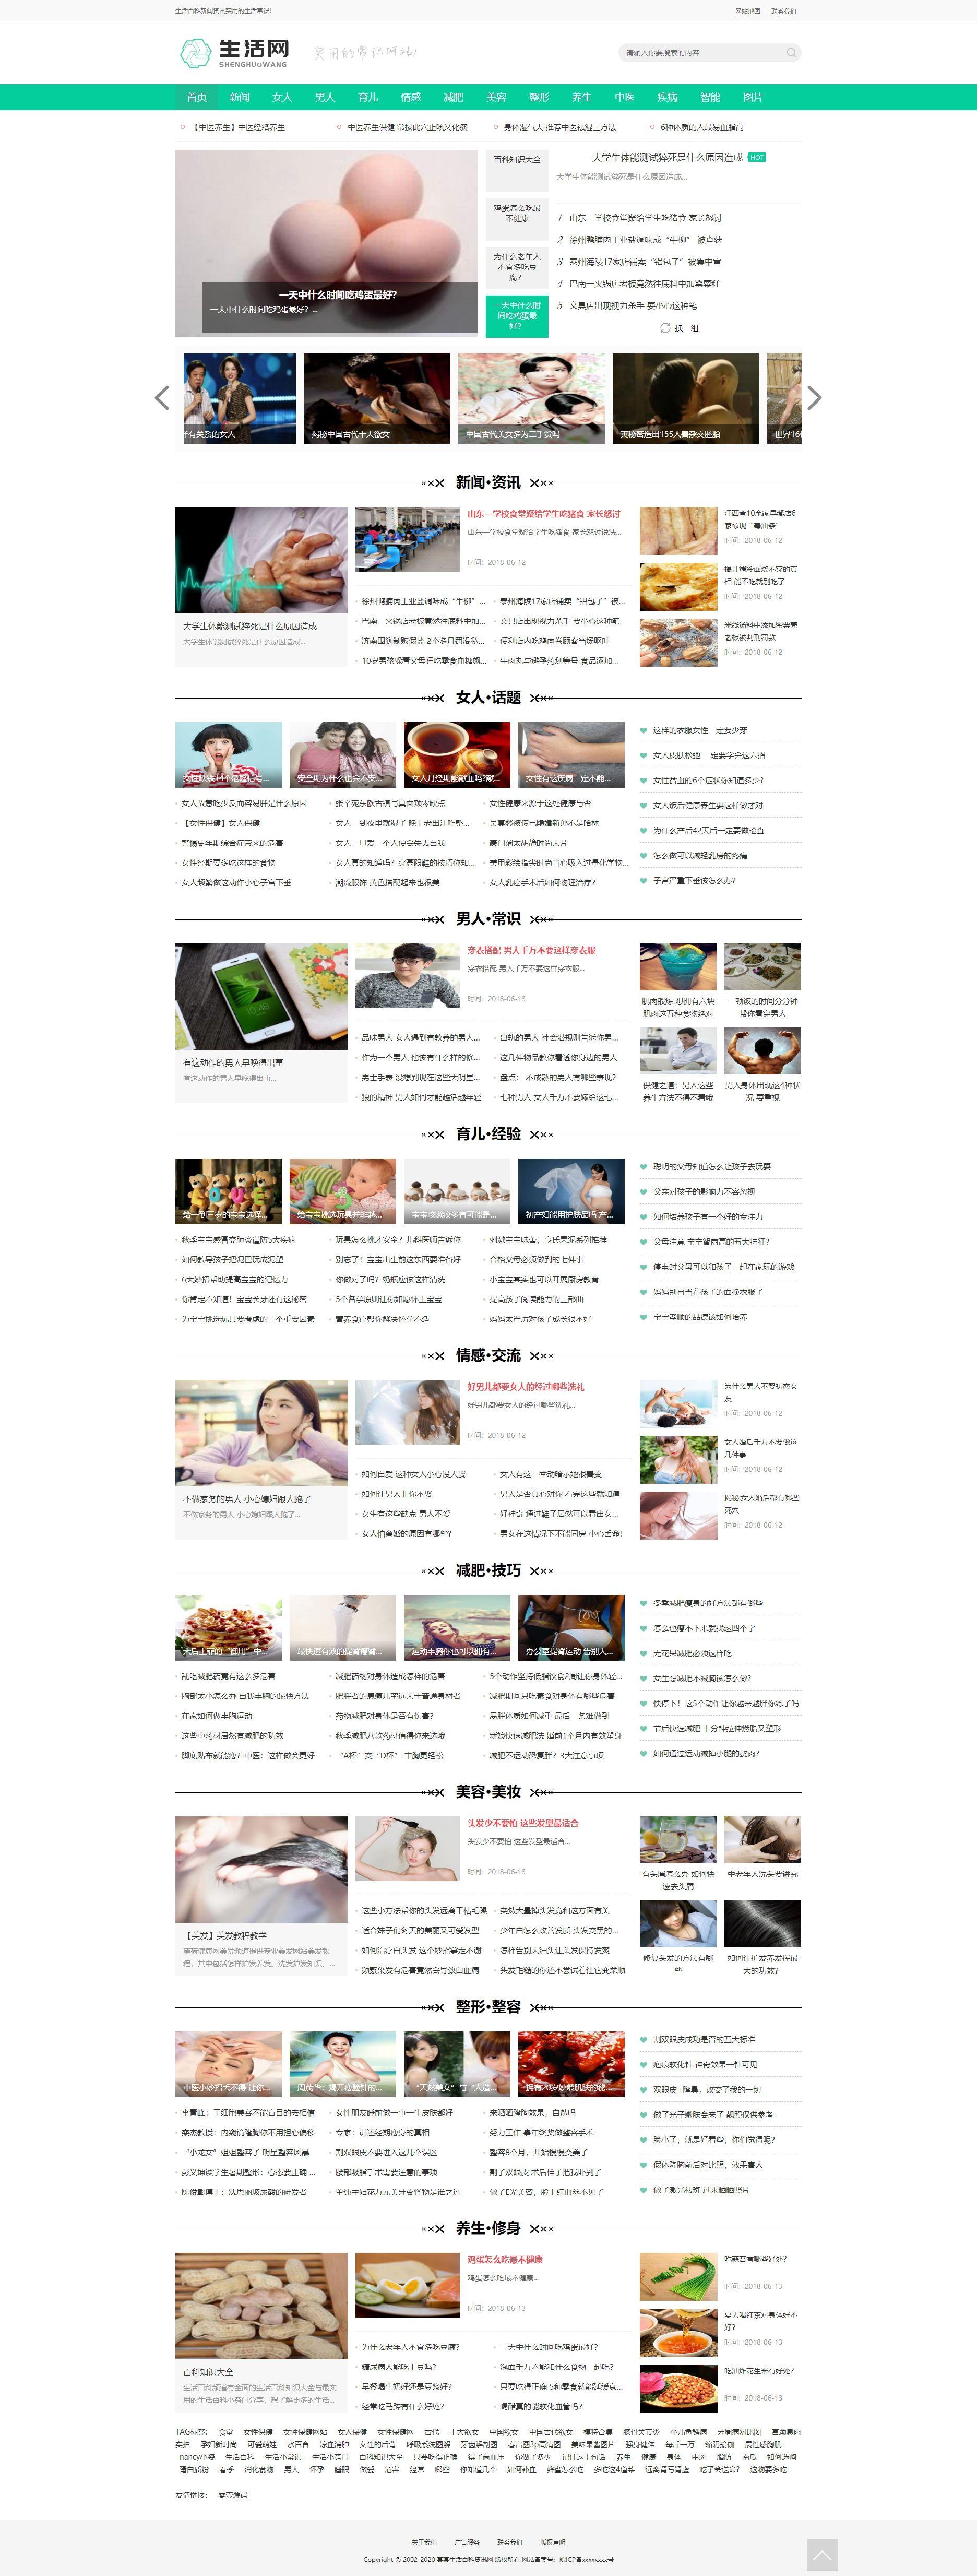 生活百科新闻资讯网类网站织梦dedecms模板(带手机端)